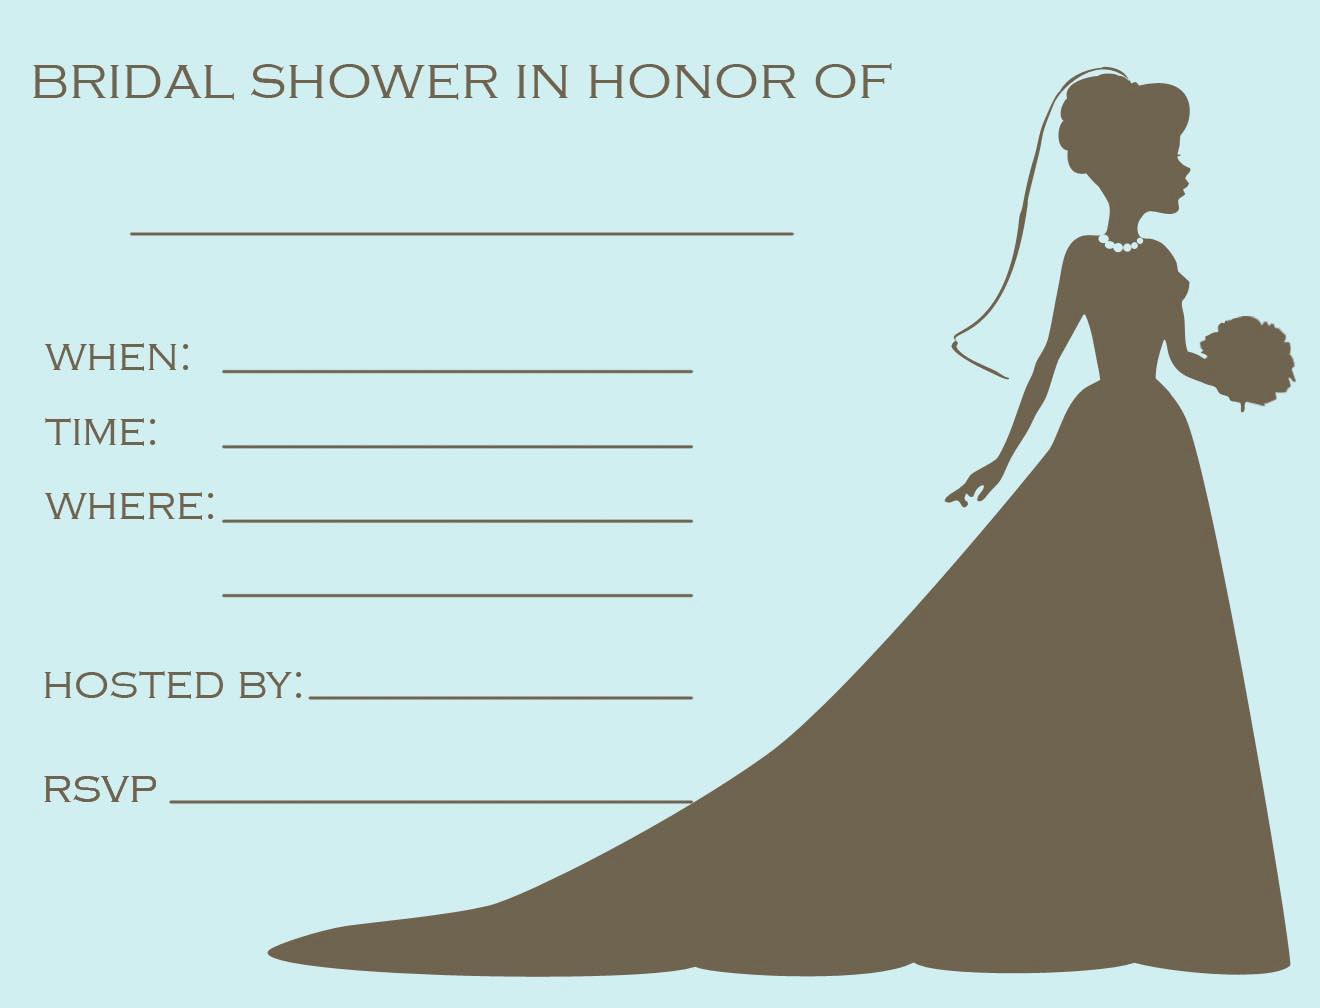 Printable Bridal Shower Invitations Luxury Free Printable Bridal Shower Invitations